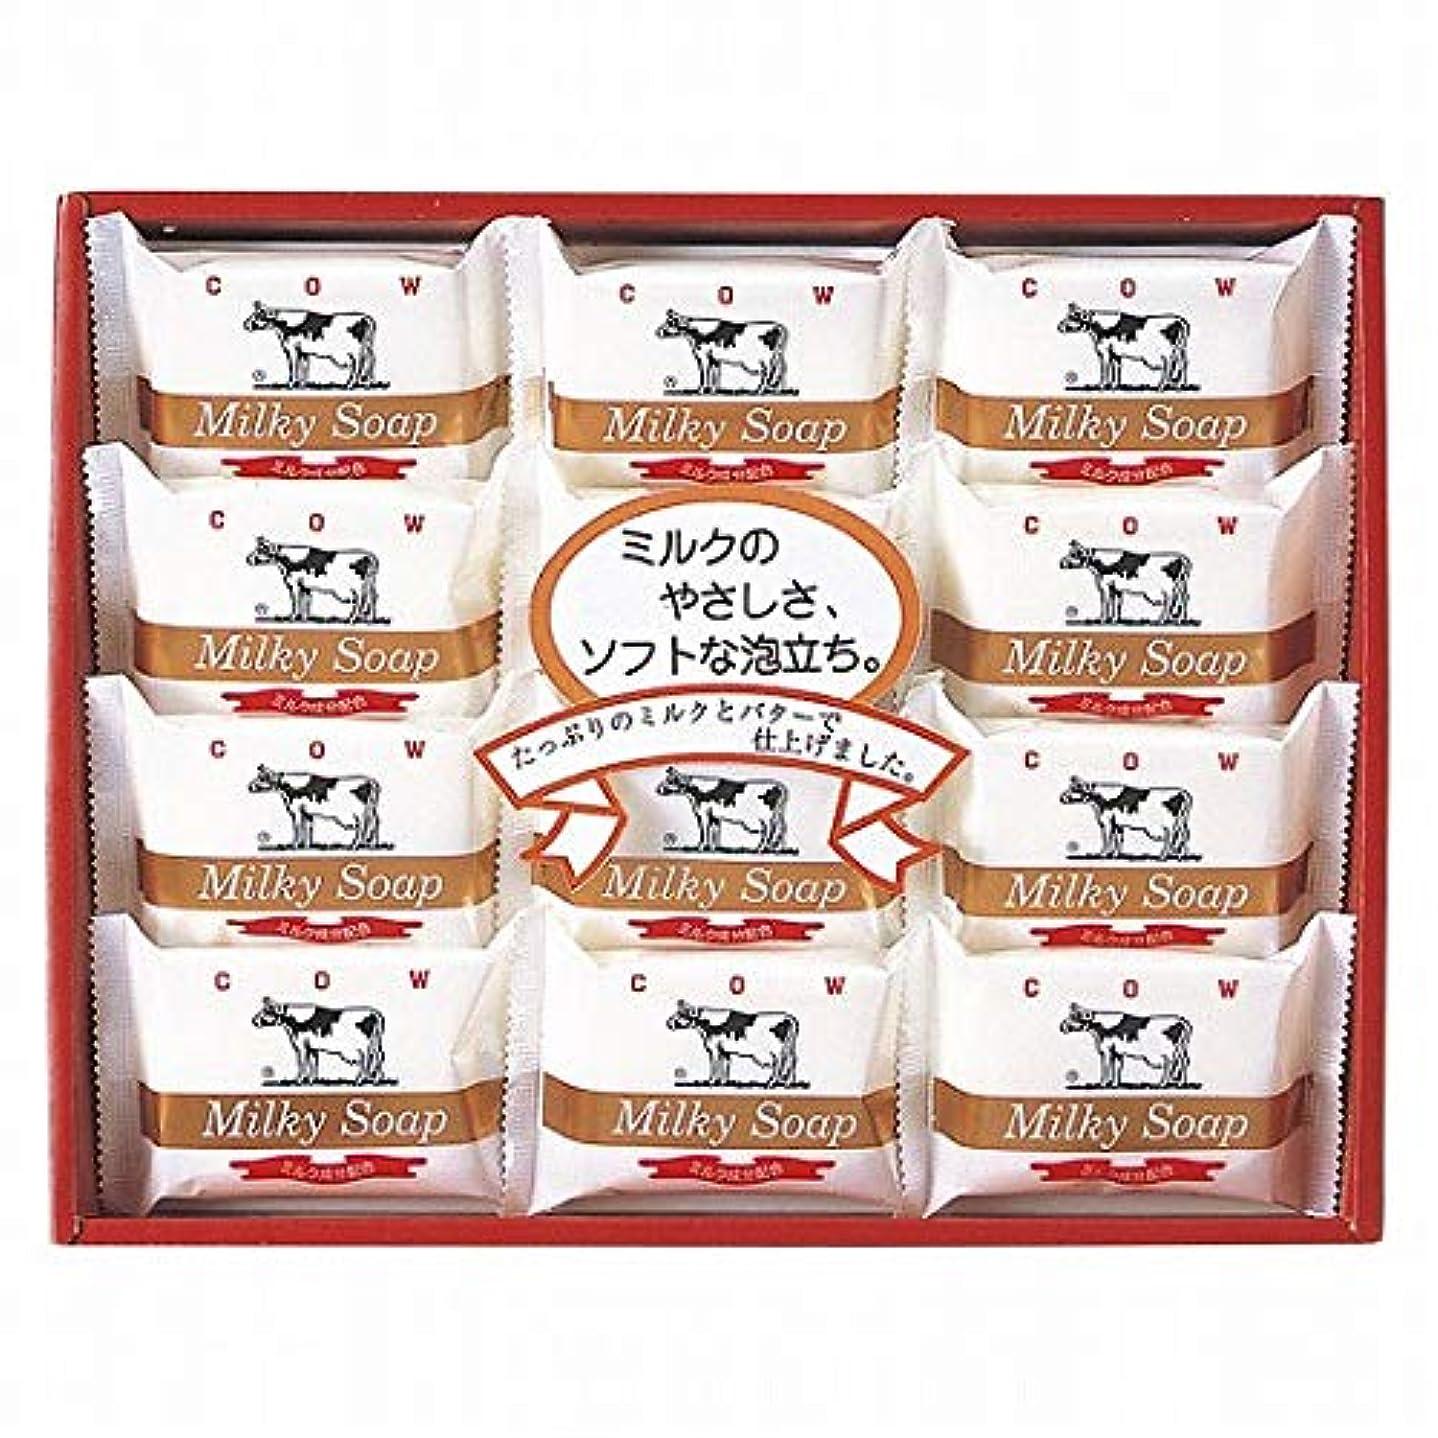 結核冷酷なぐるぐる牛乳石鹸 ゴールドソープセット